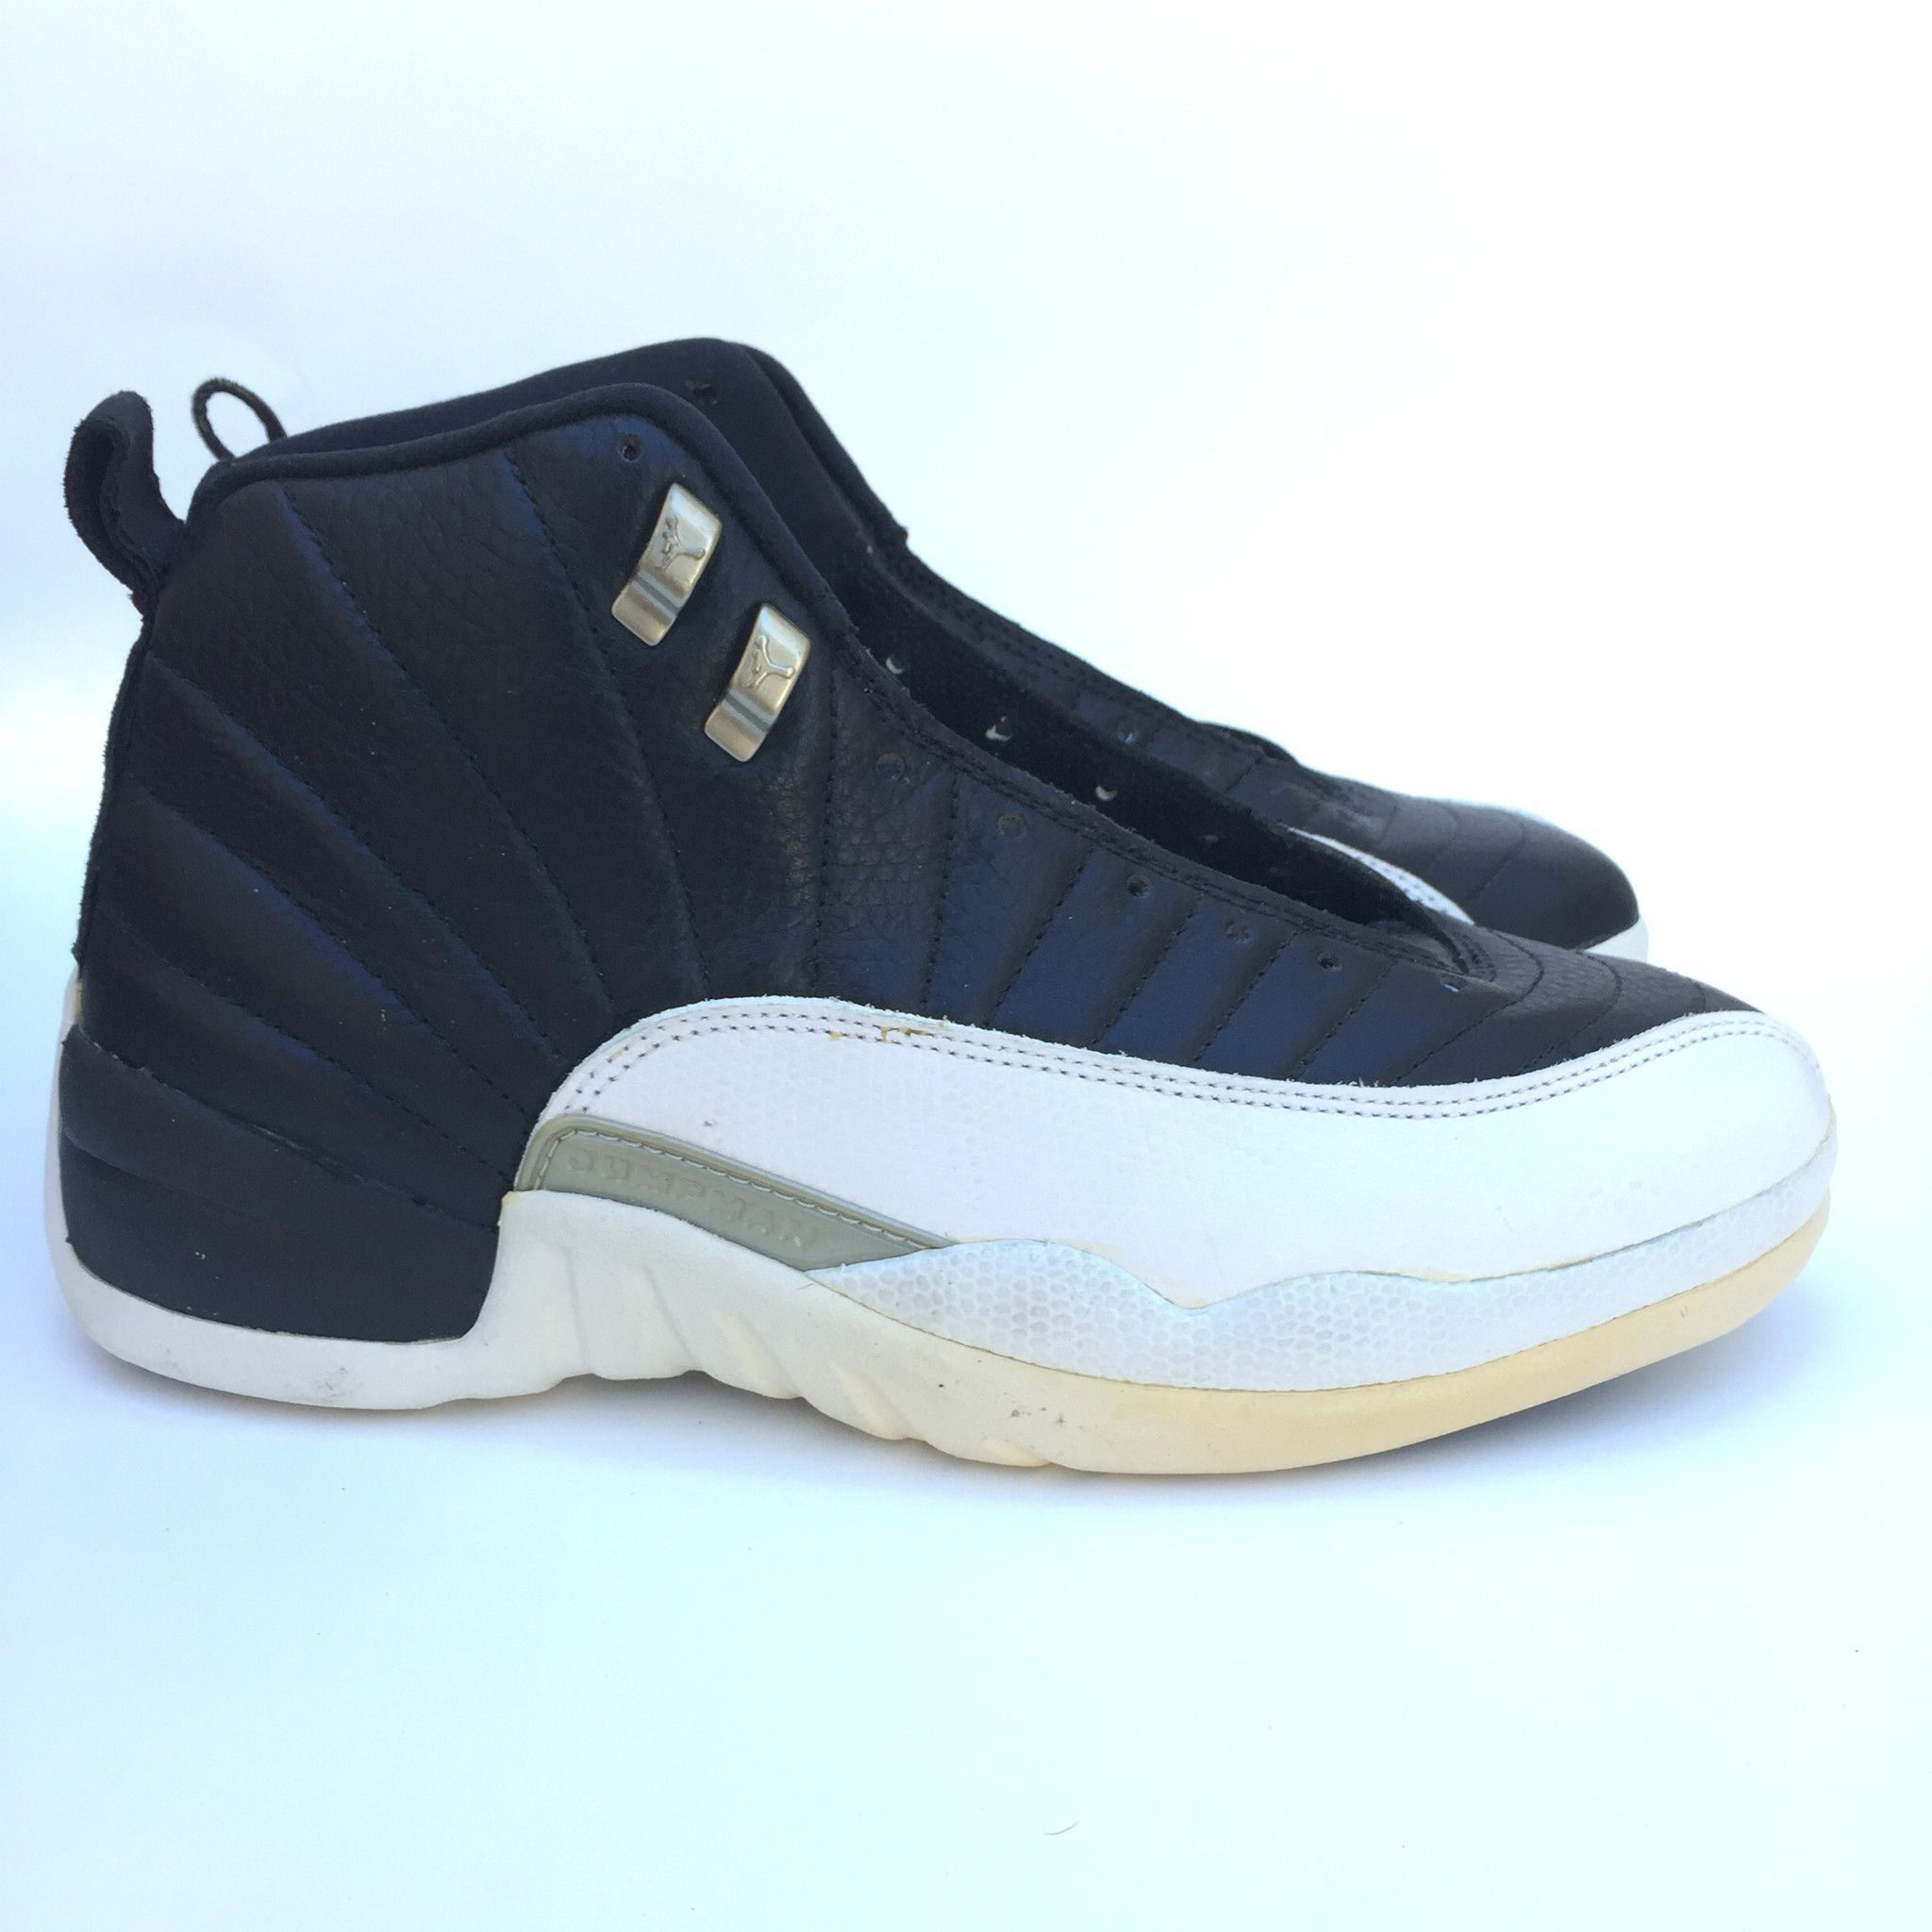 95020088d62e44 Air Jordan 12 1997